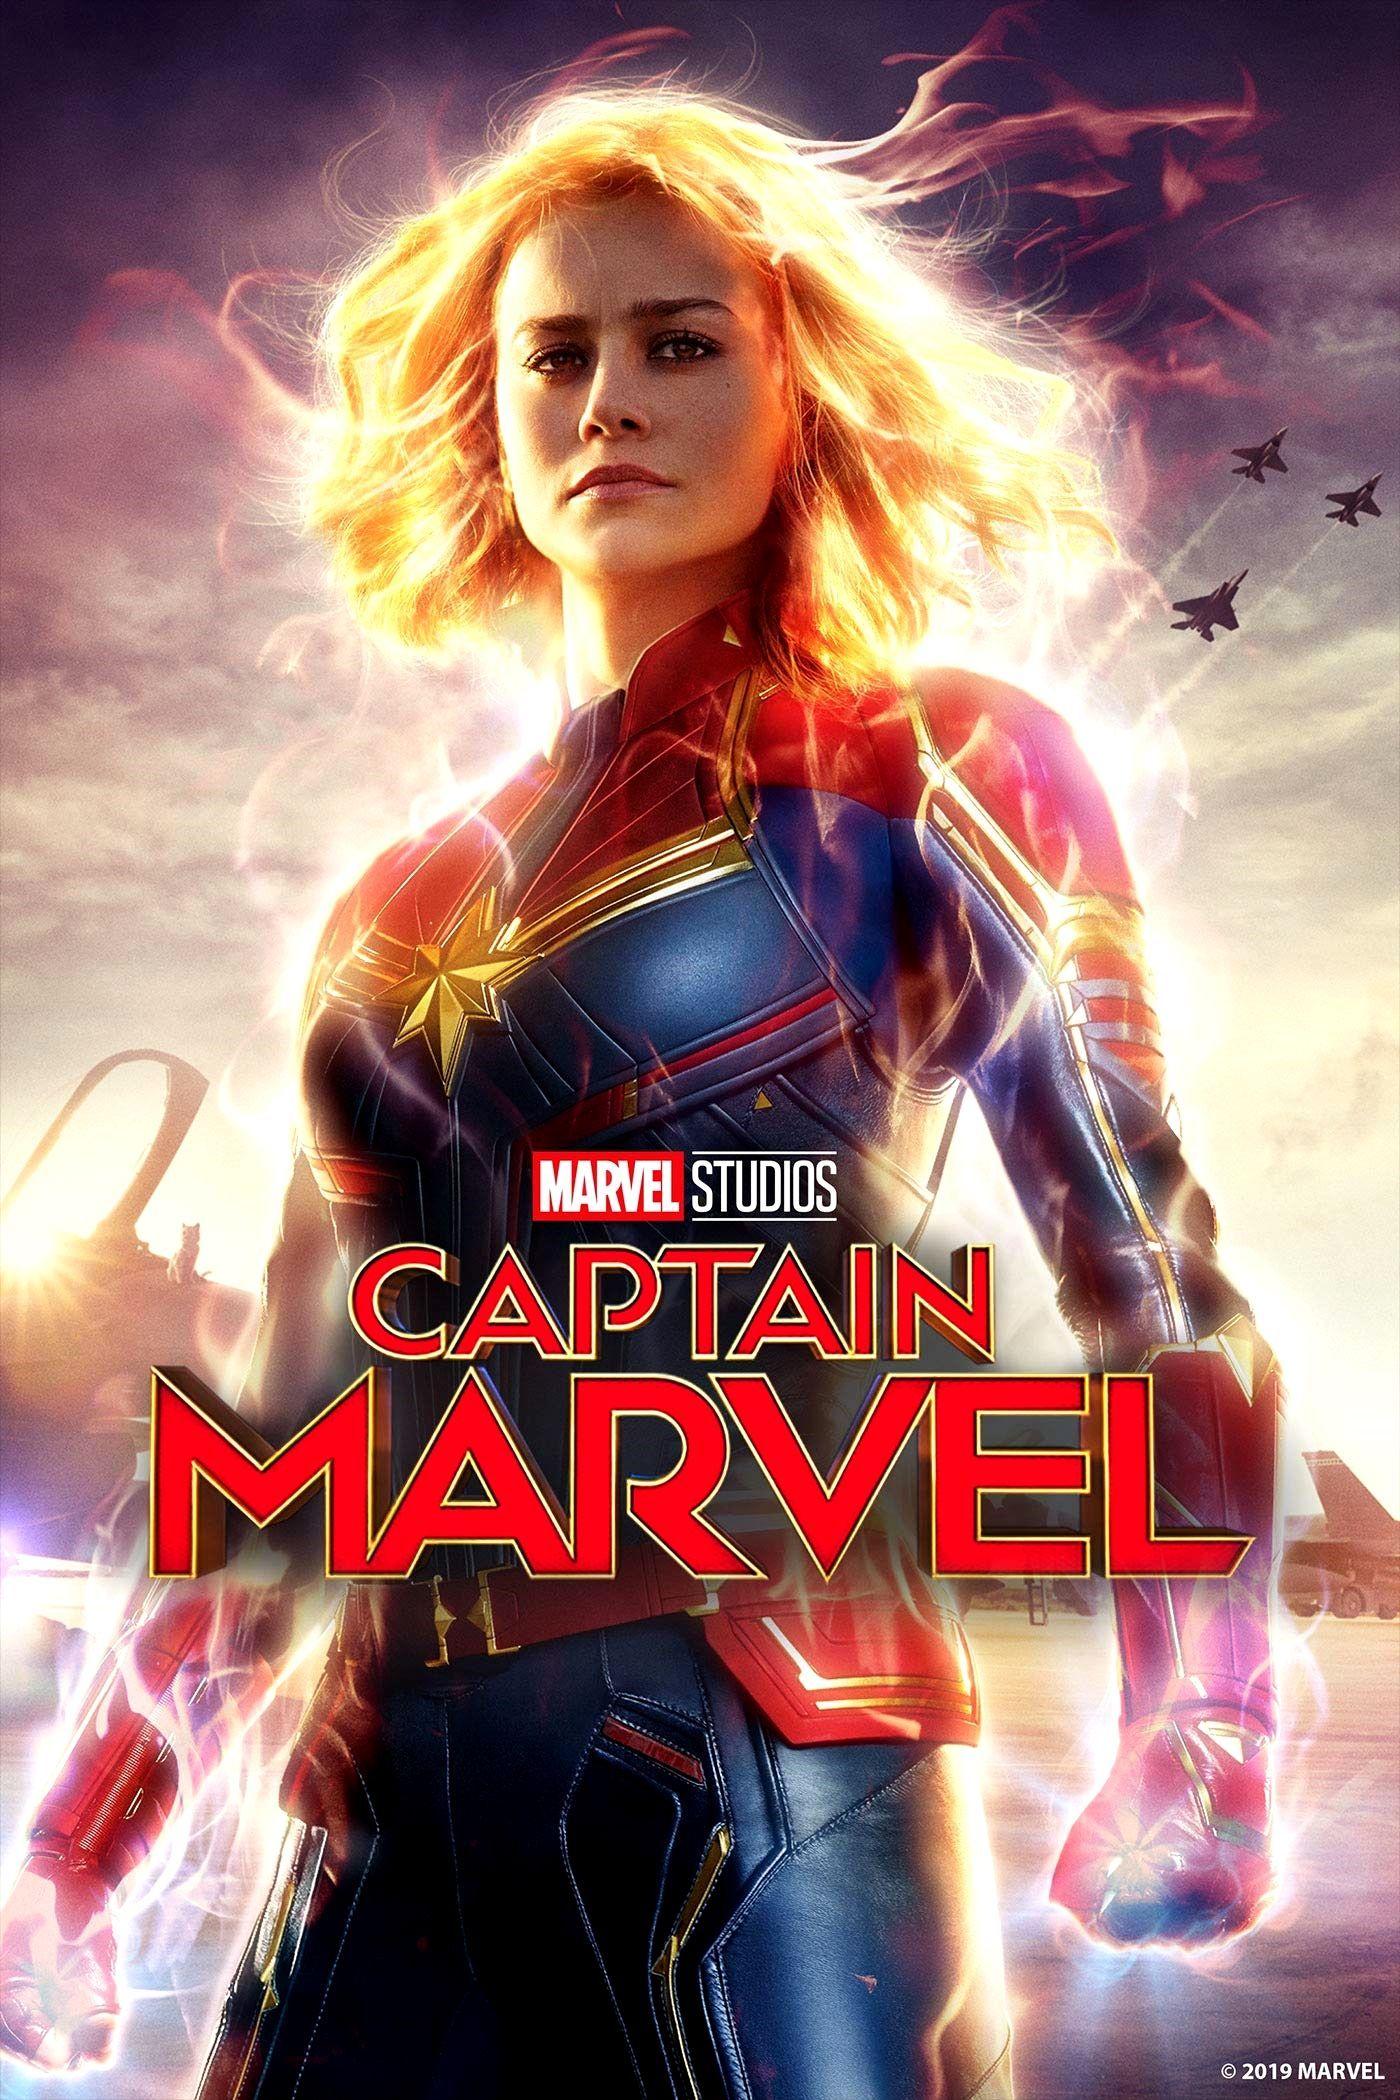 Captain Marvel Wallpaper 4k Mobile Gallery Trend In 2020 Captain Marvel Marvel Studios Marvel Movies